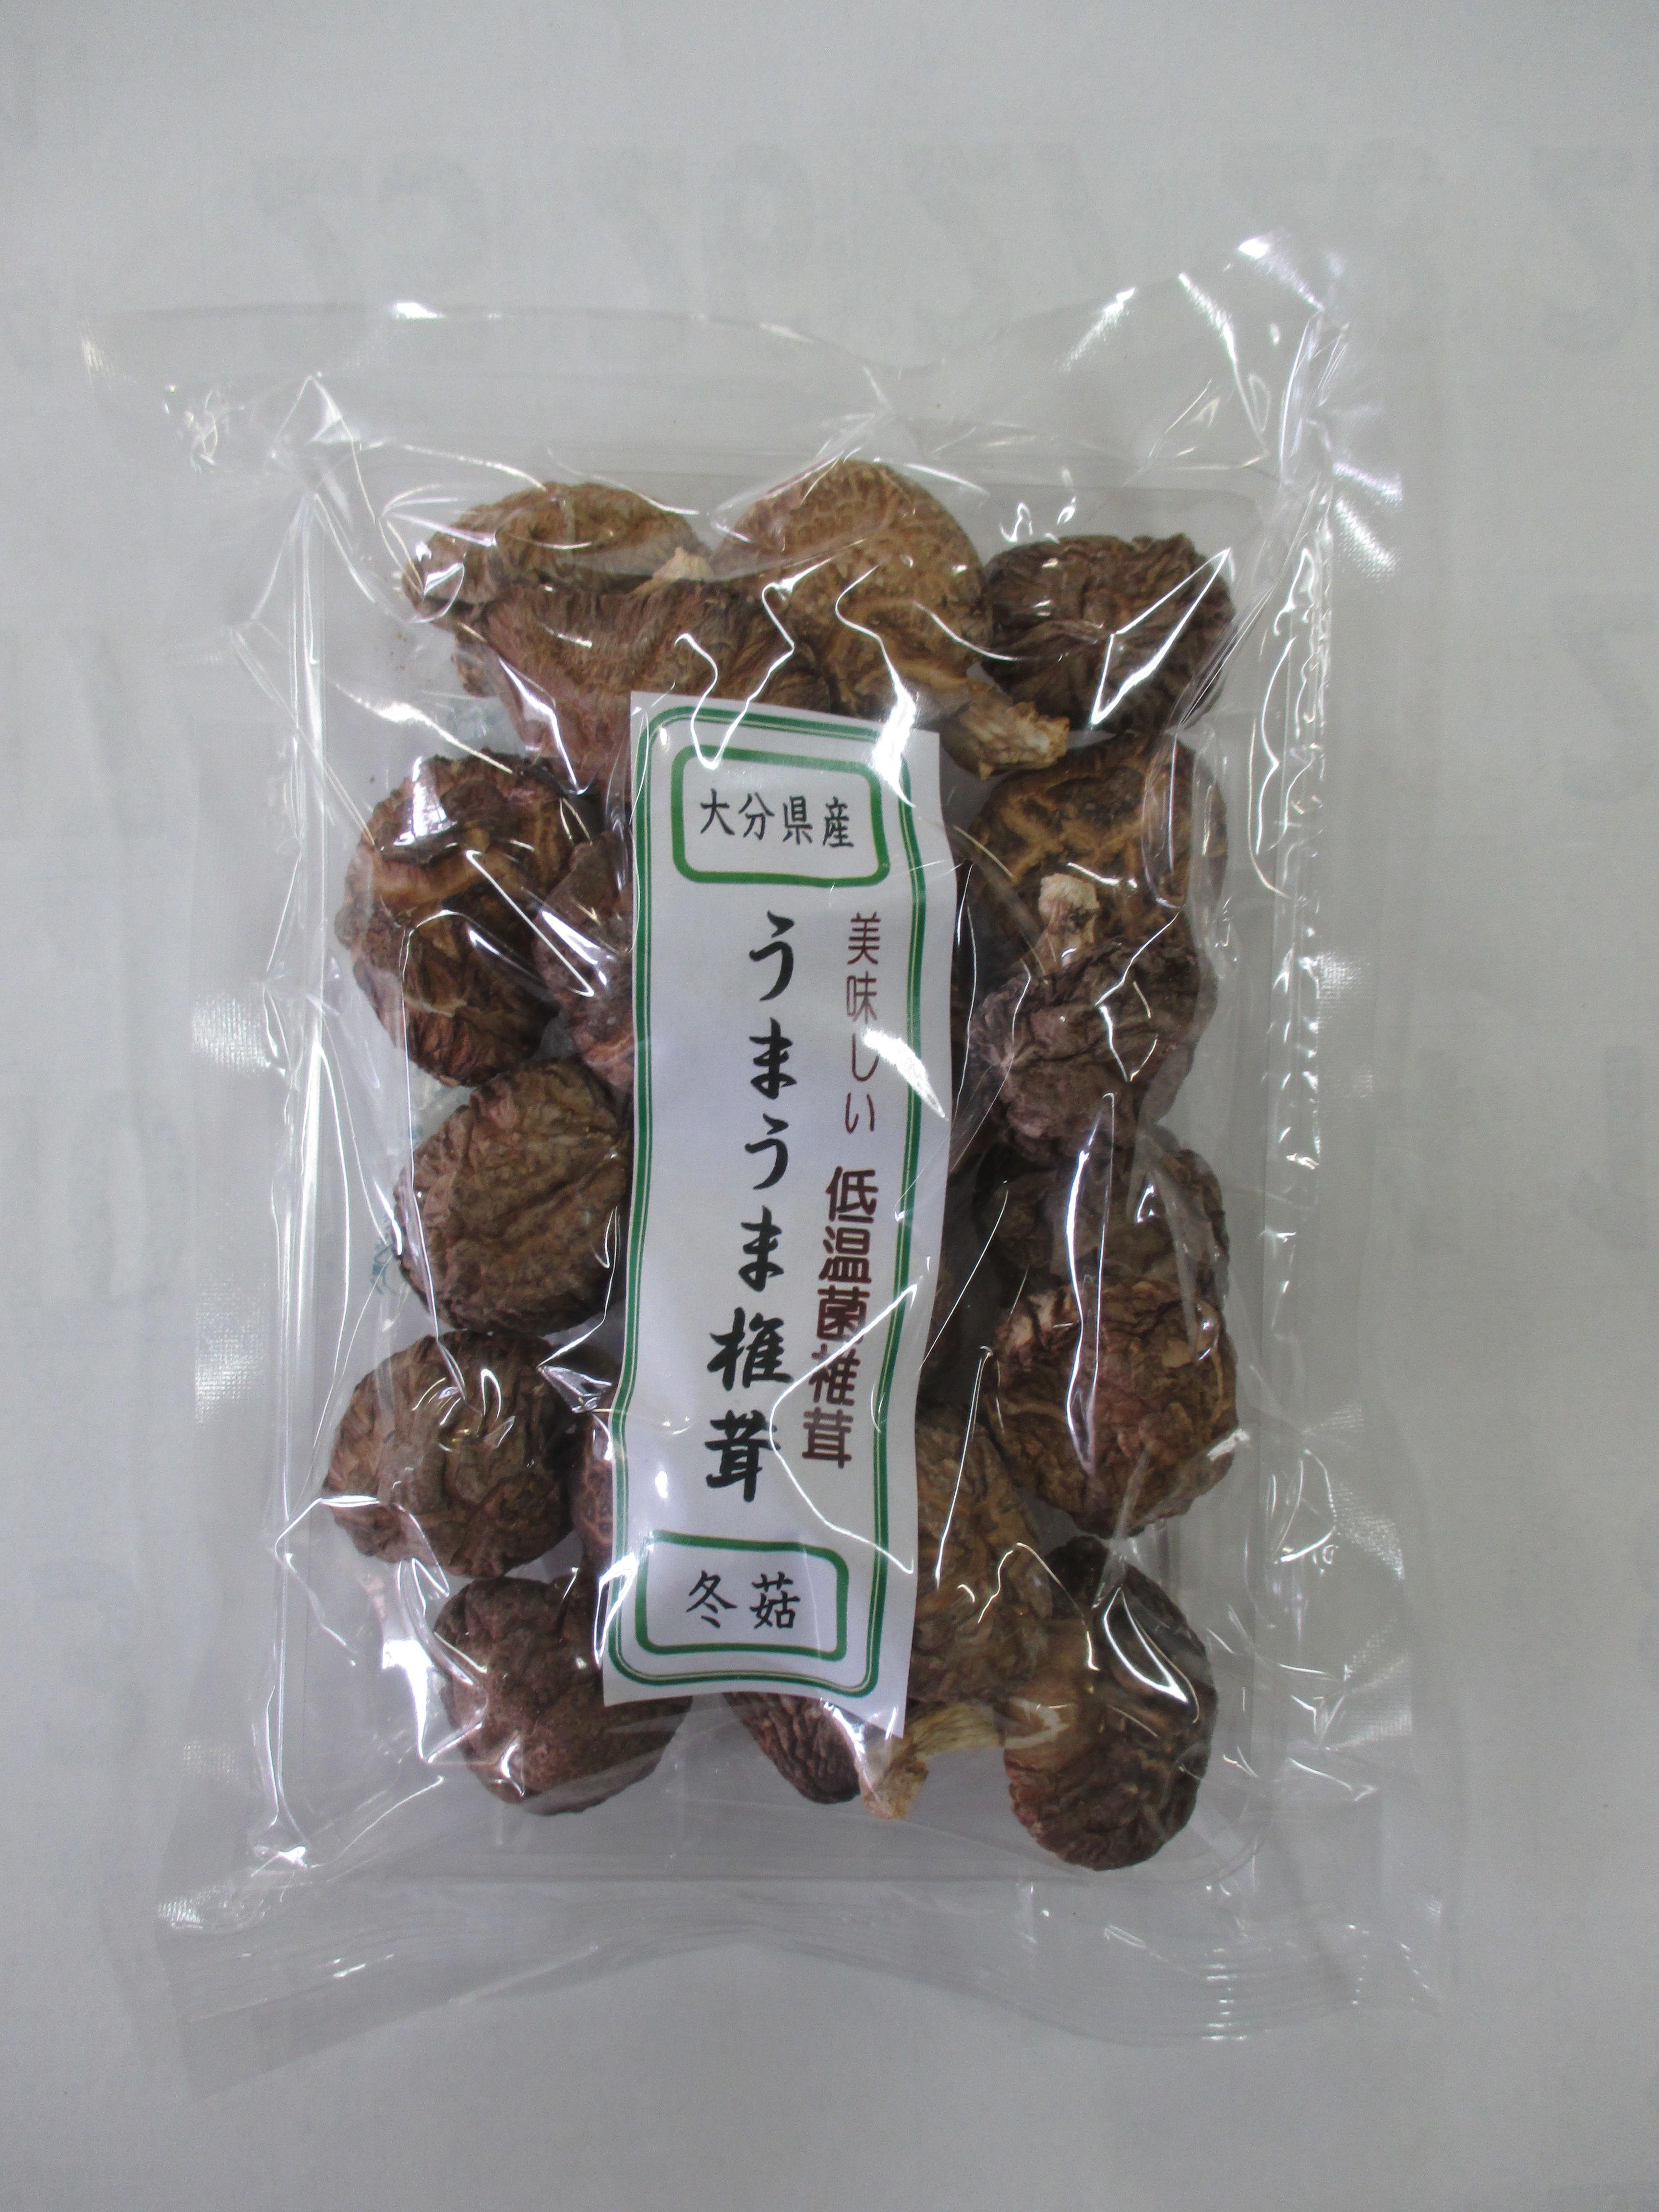 大分県産うまうま椎茸 冬菇 60g